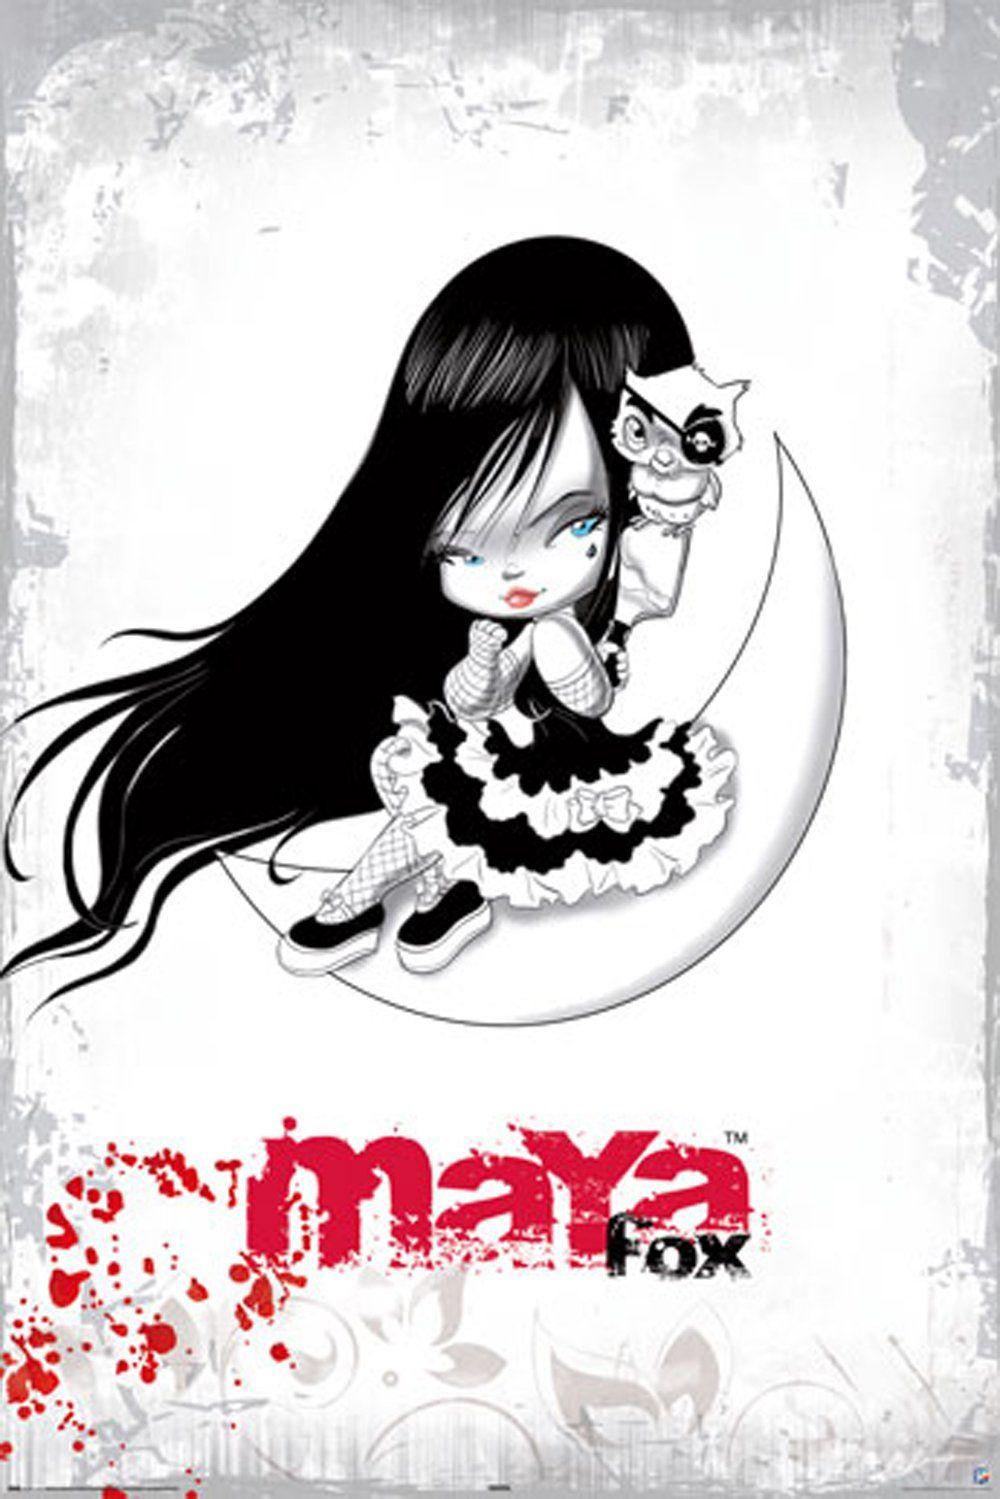 Empire 304643 Maya Fox Moon - plakat druk - 61 x 91,5 cm